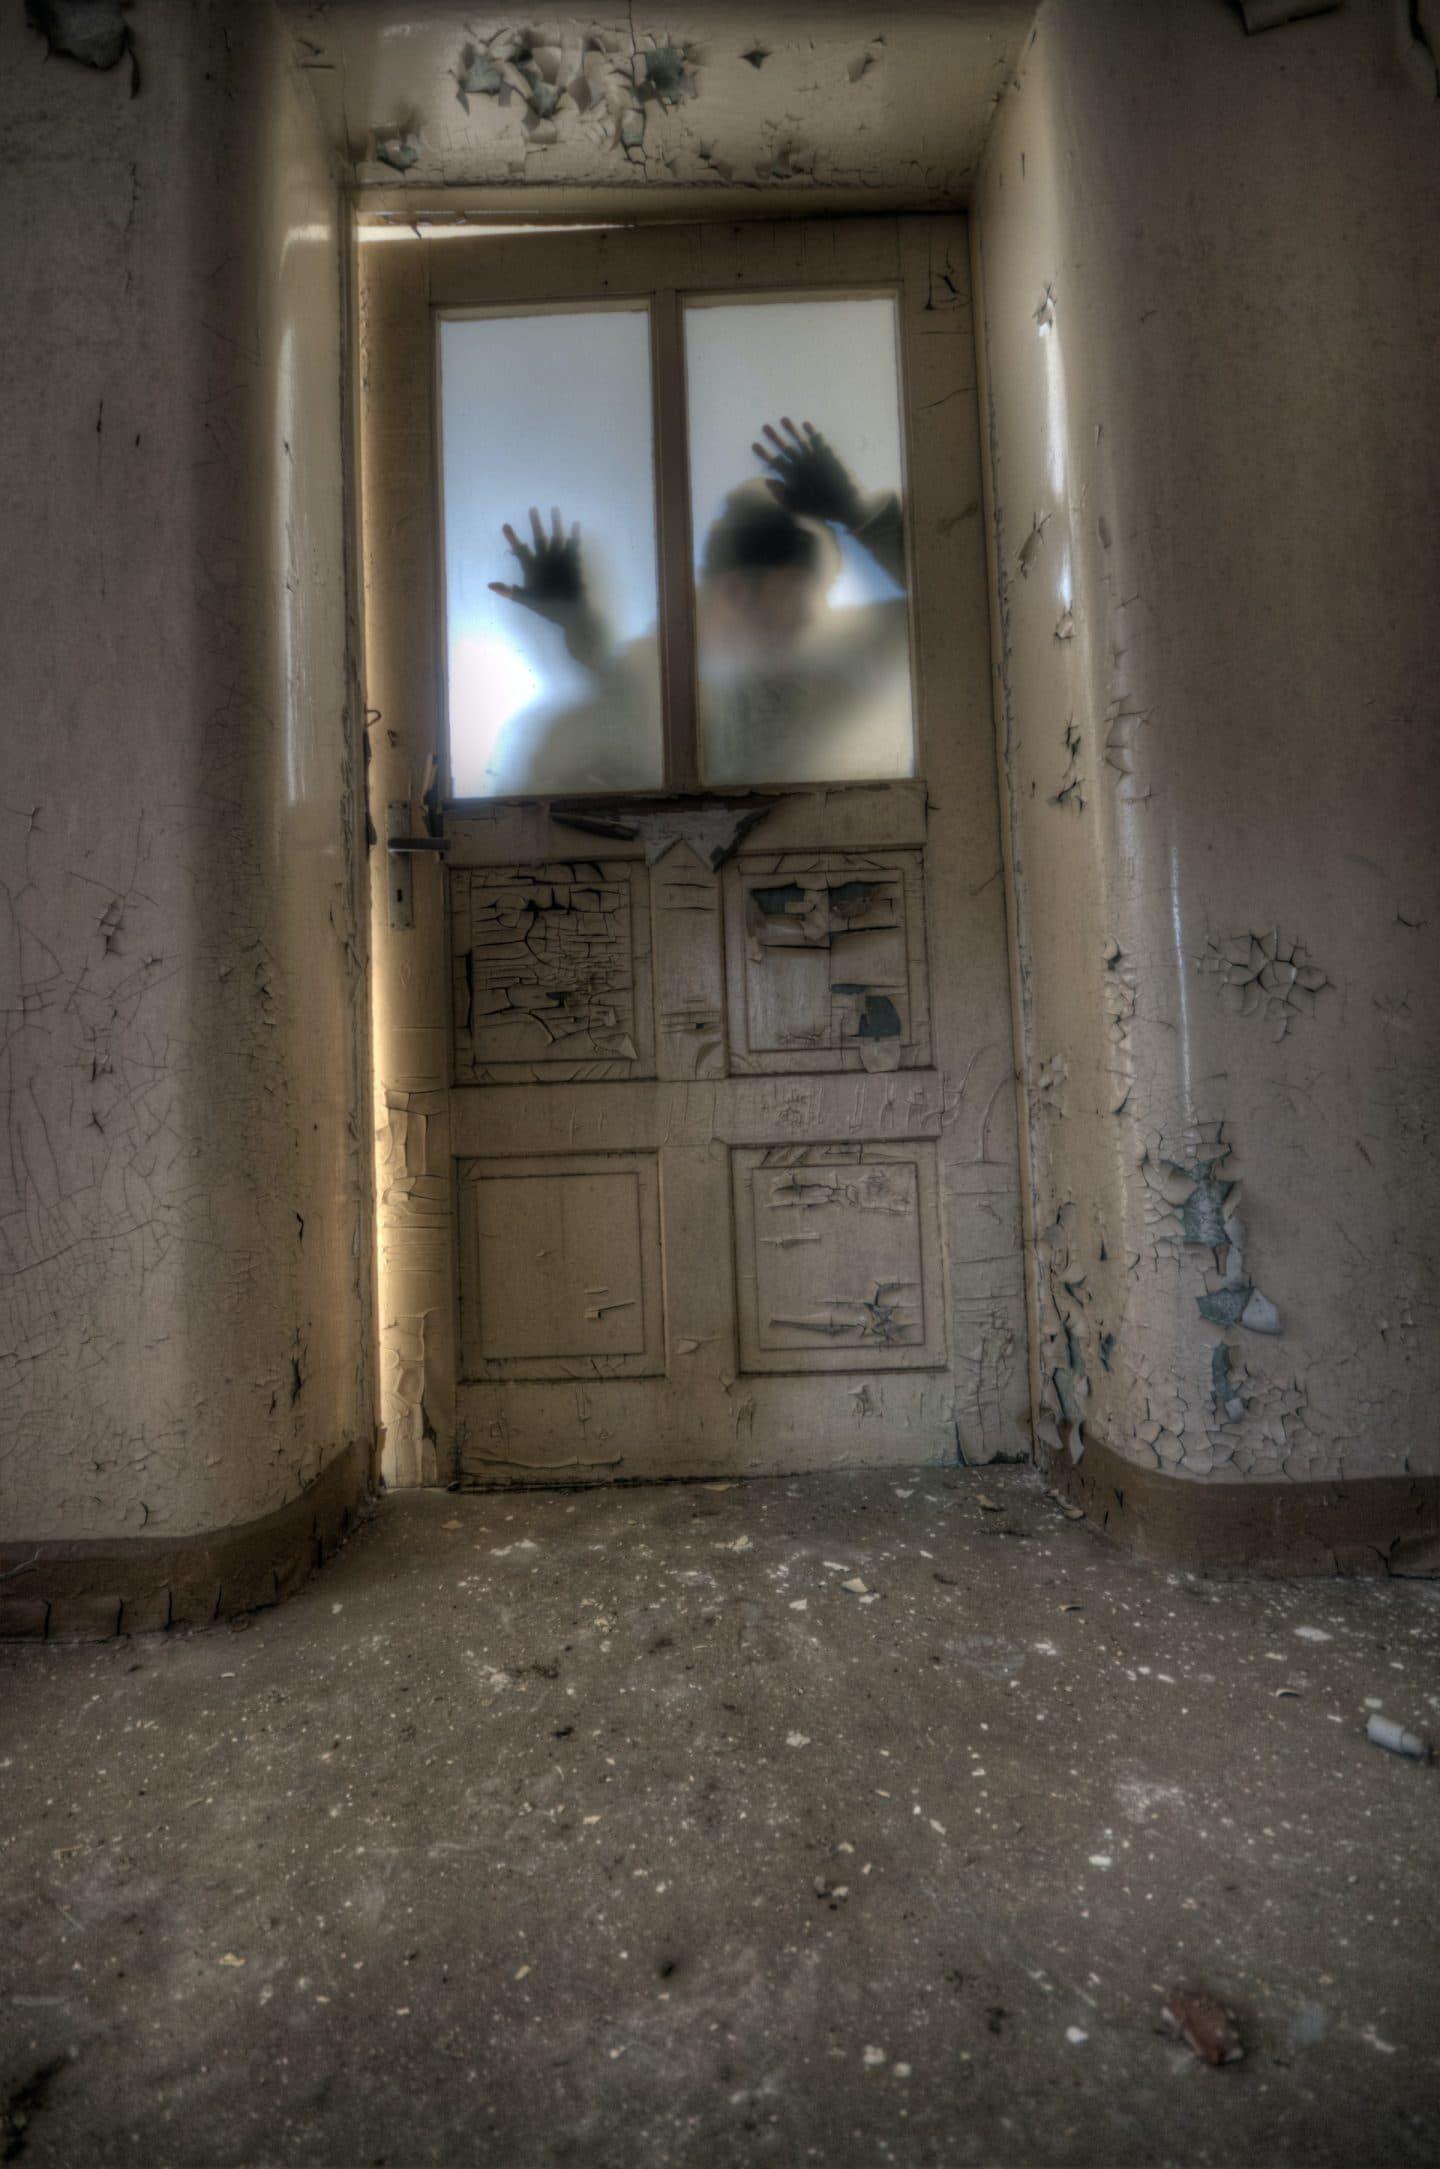 pessoas a tentar entrar através de uma porta num sítio assustador